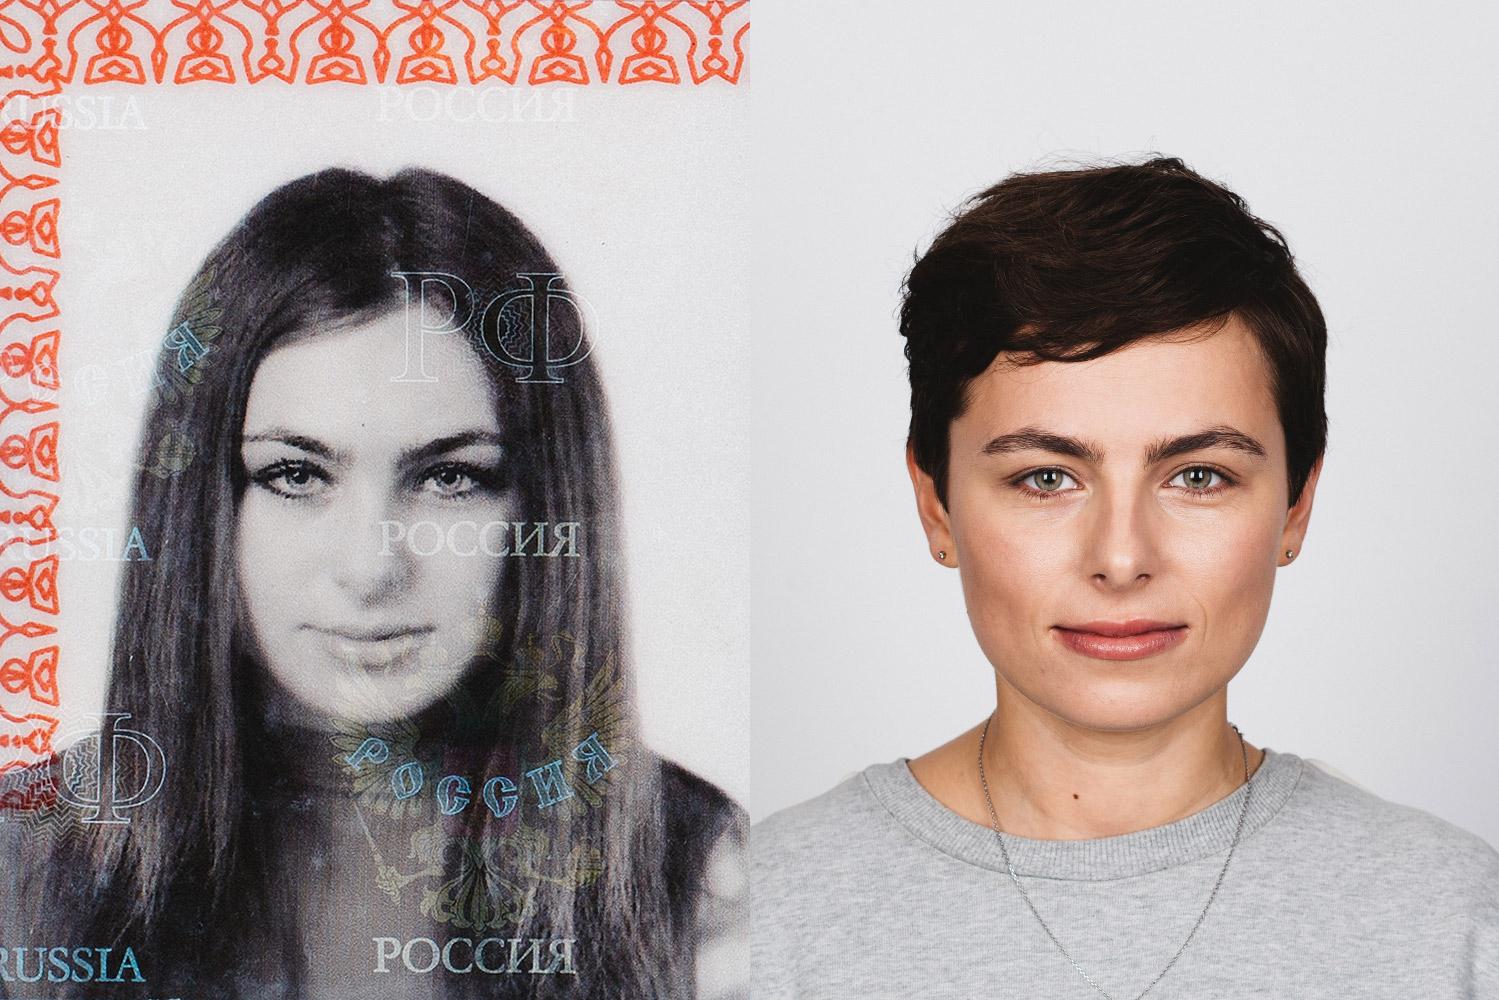 Удачное фото на паспорт: секреты и советы Самая любимая! 69